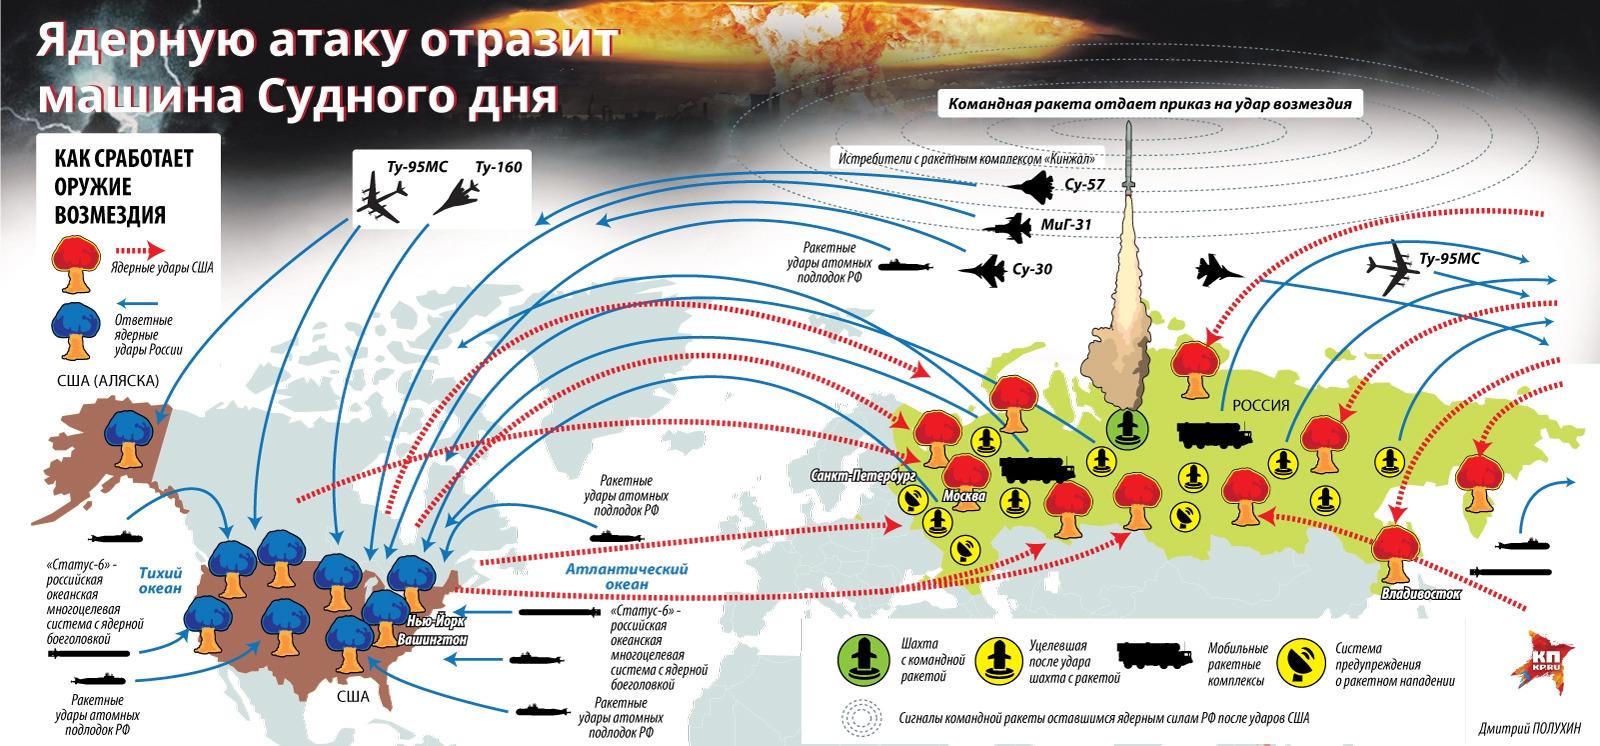 A Perimetr rendszer működése #moszkvater